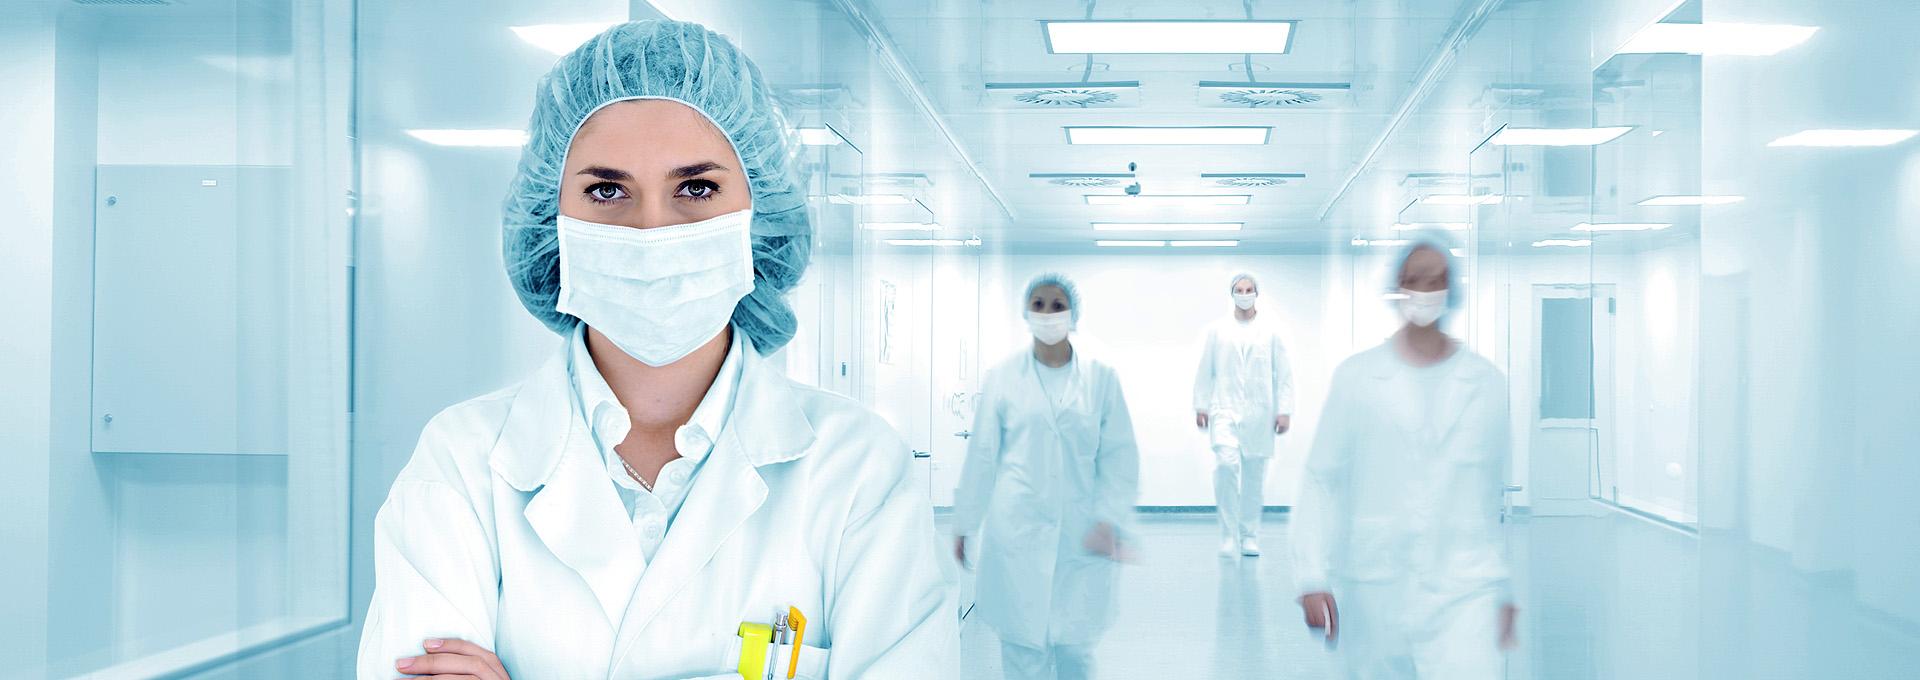 آموزش های پزشکی به روز